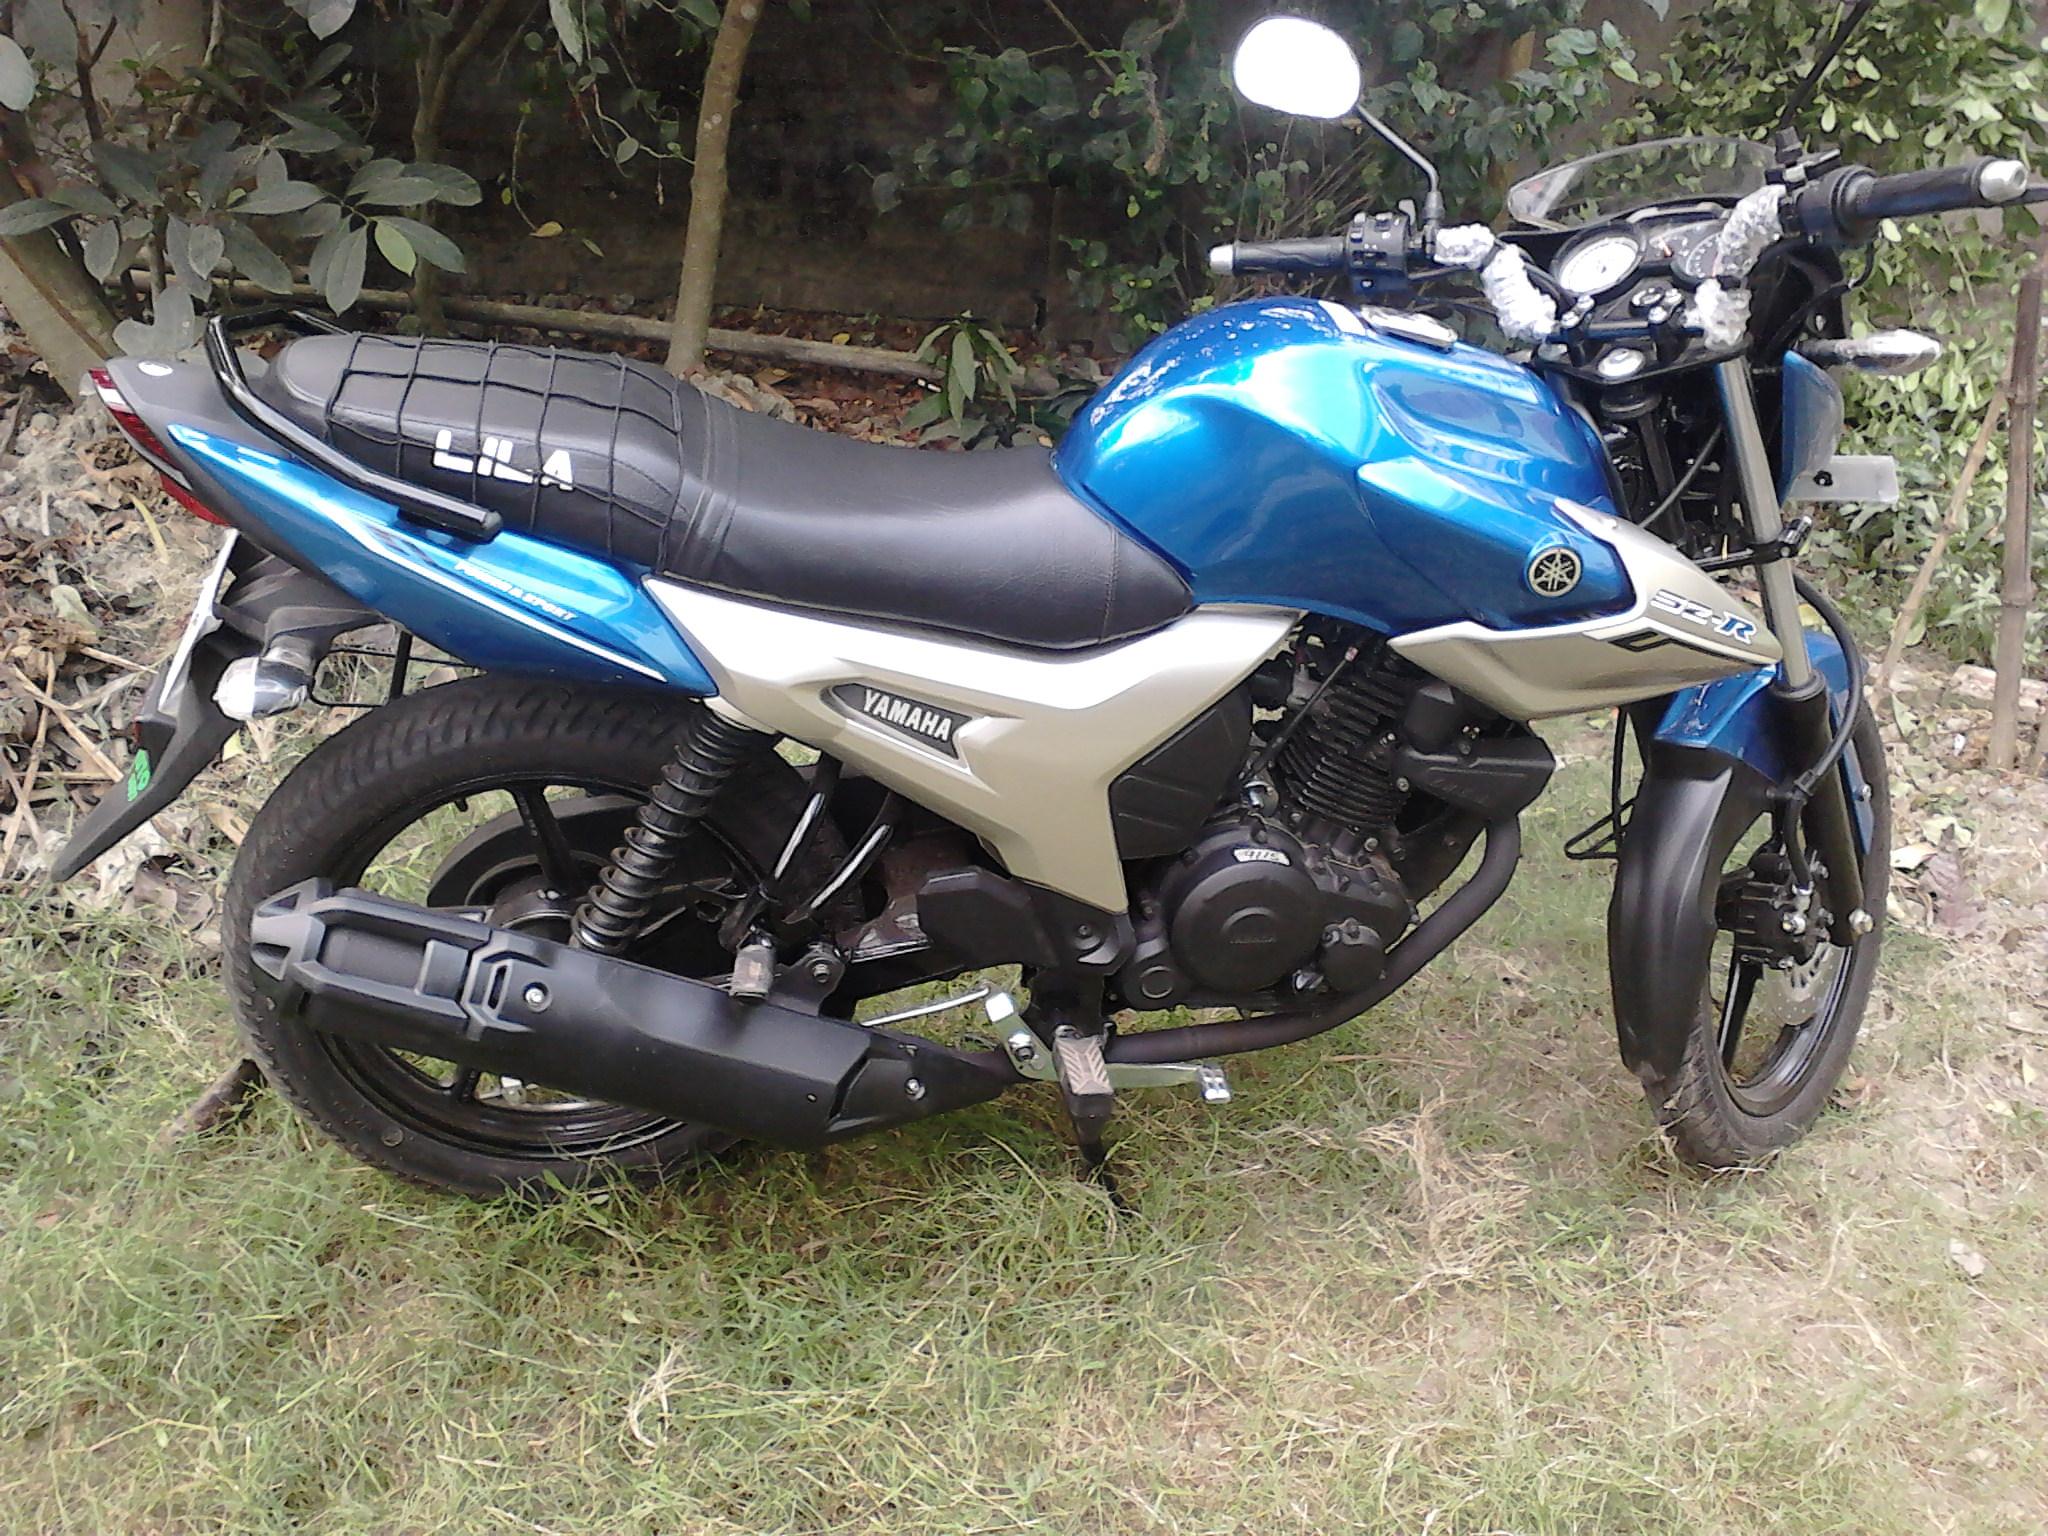 Yamaha Sz R Fuel Consumption